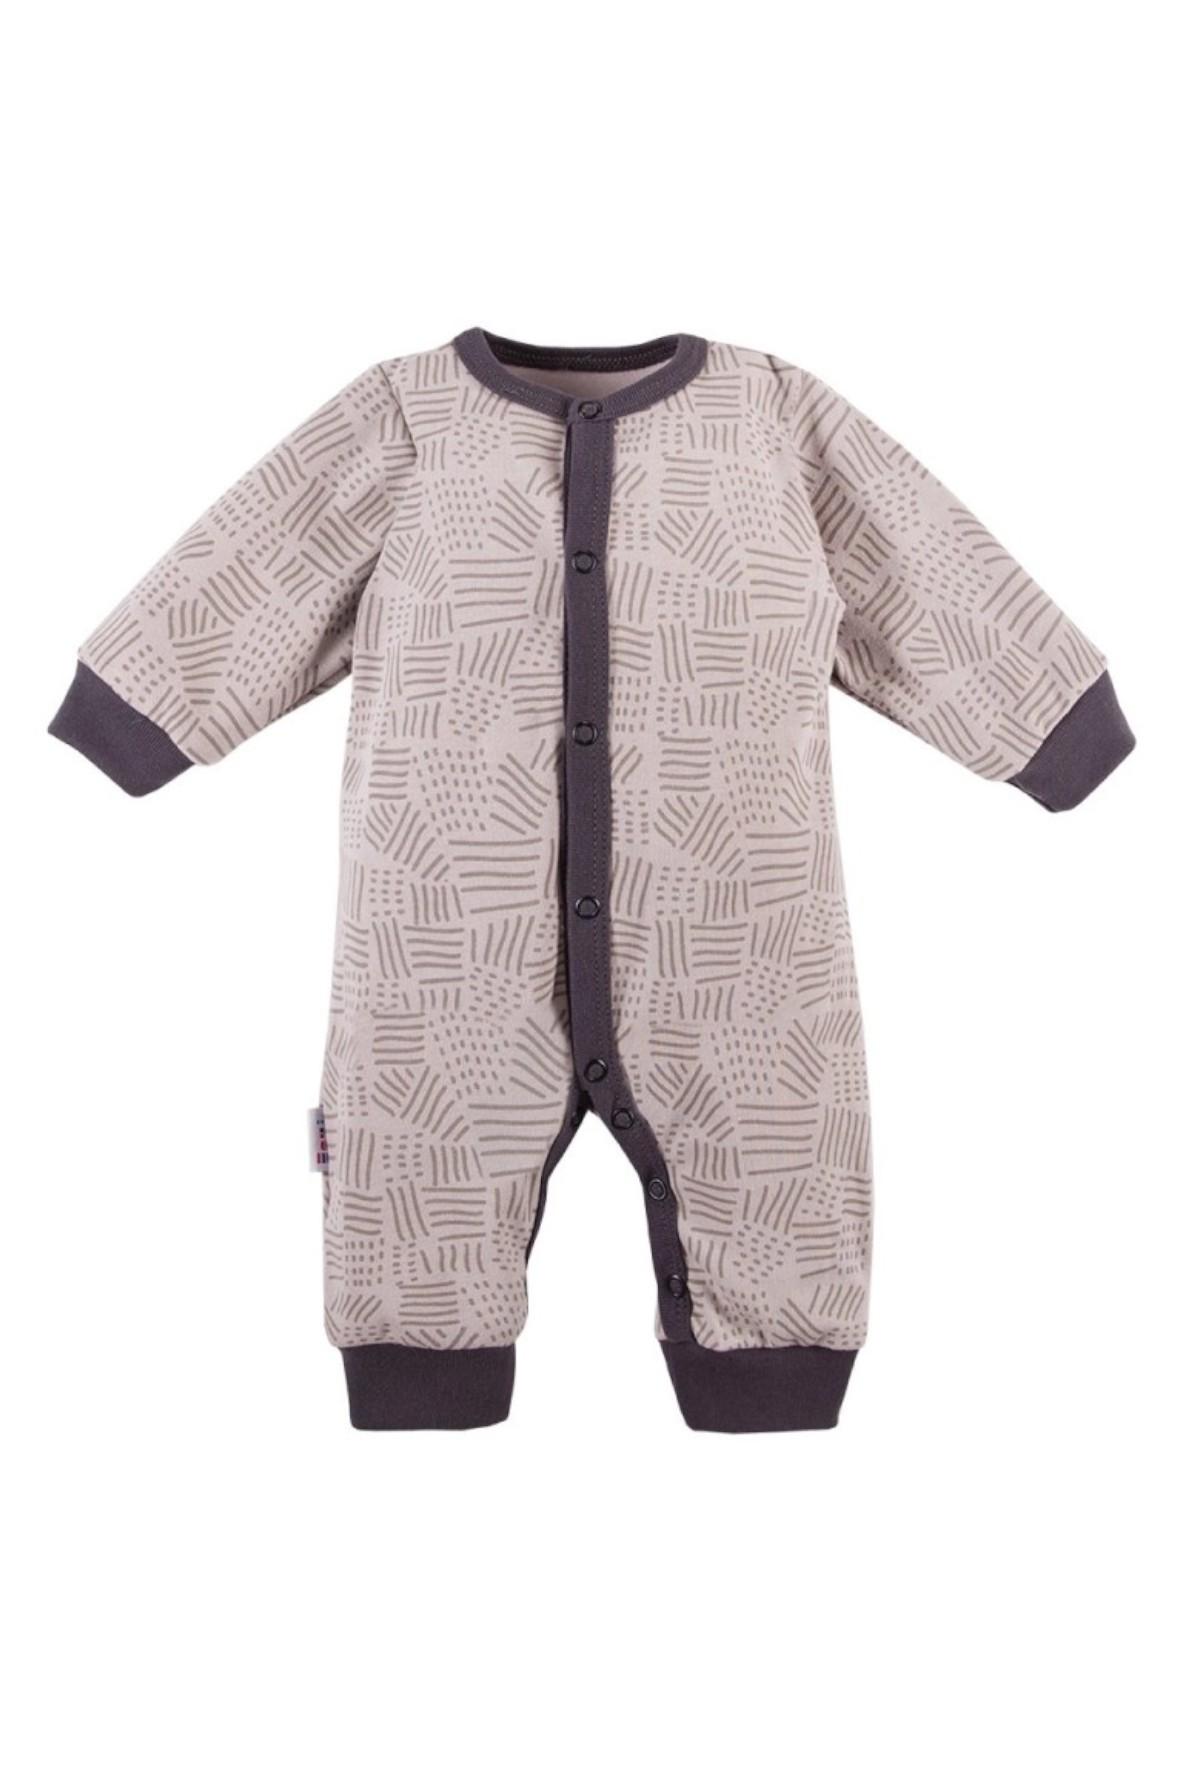 Pajac bawełniany dla niemowlaka LAZY DAYS